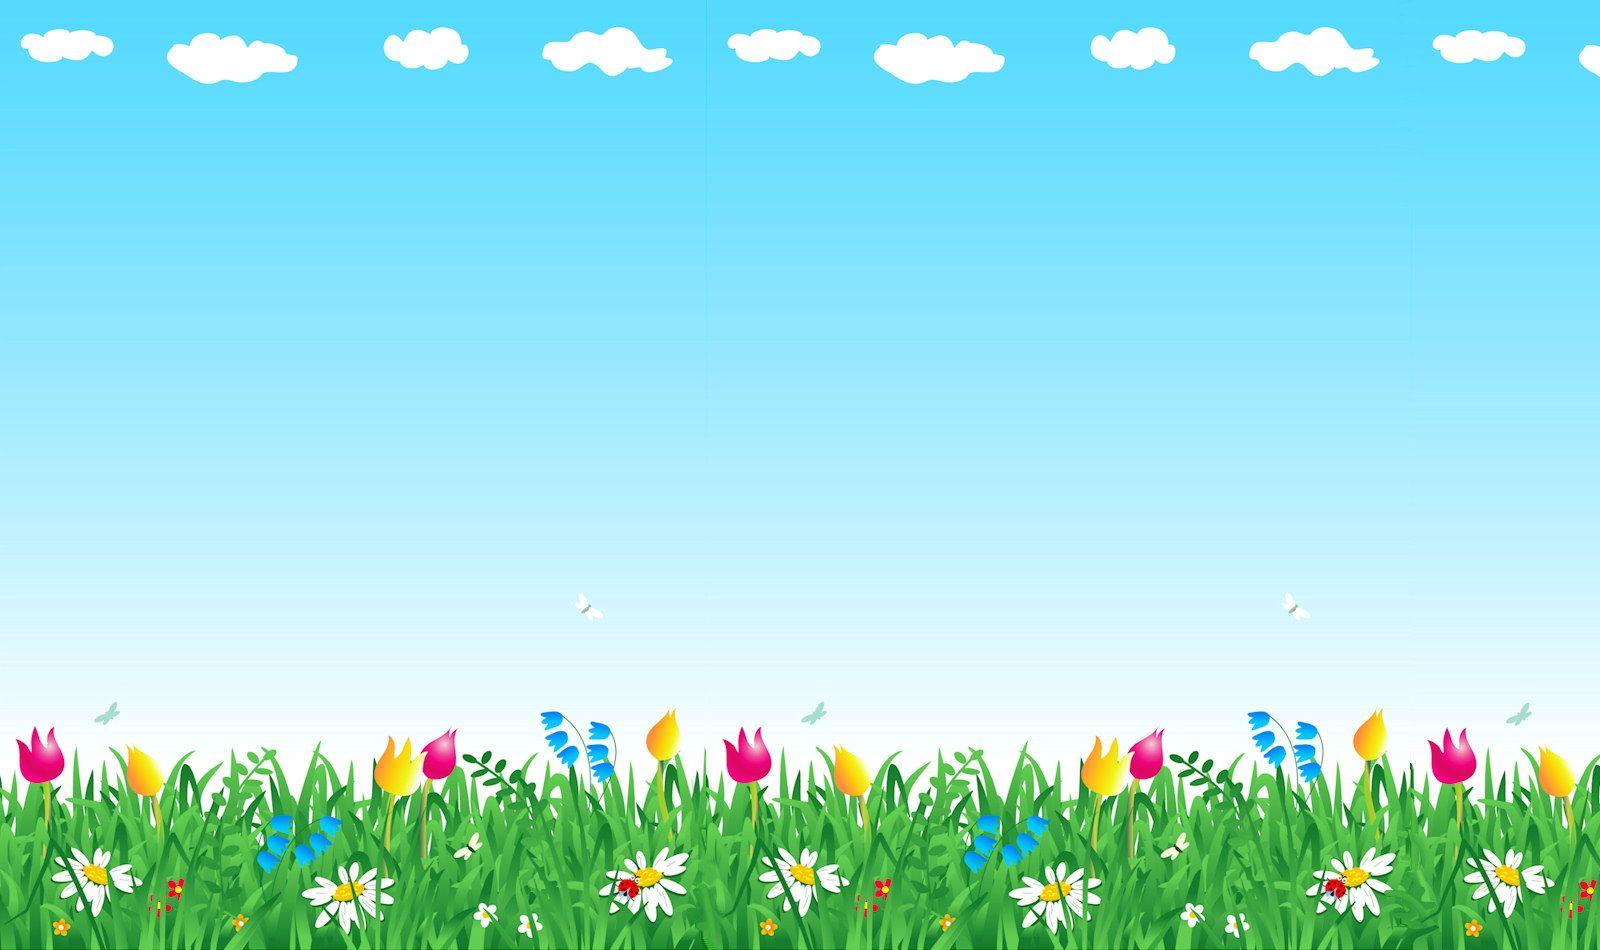 preschool background background Wallpaper Design Graphic design 1600x950